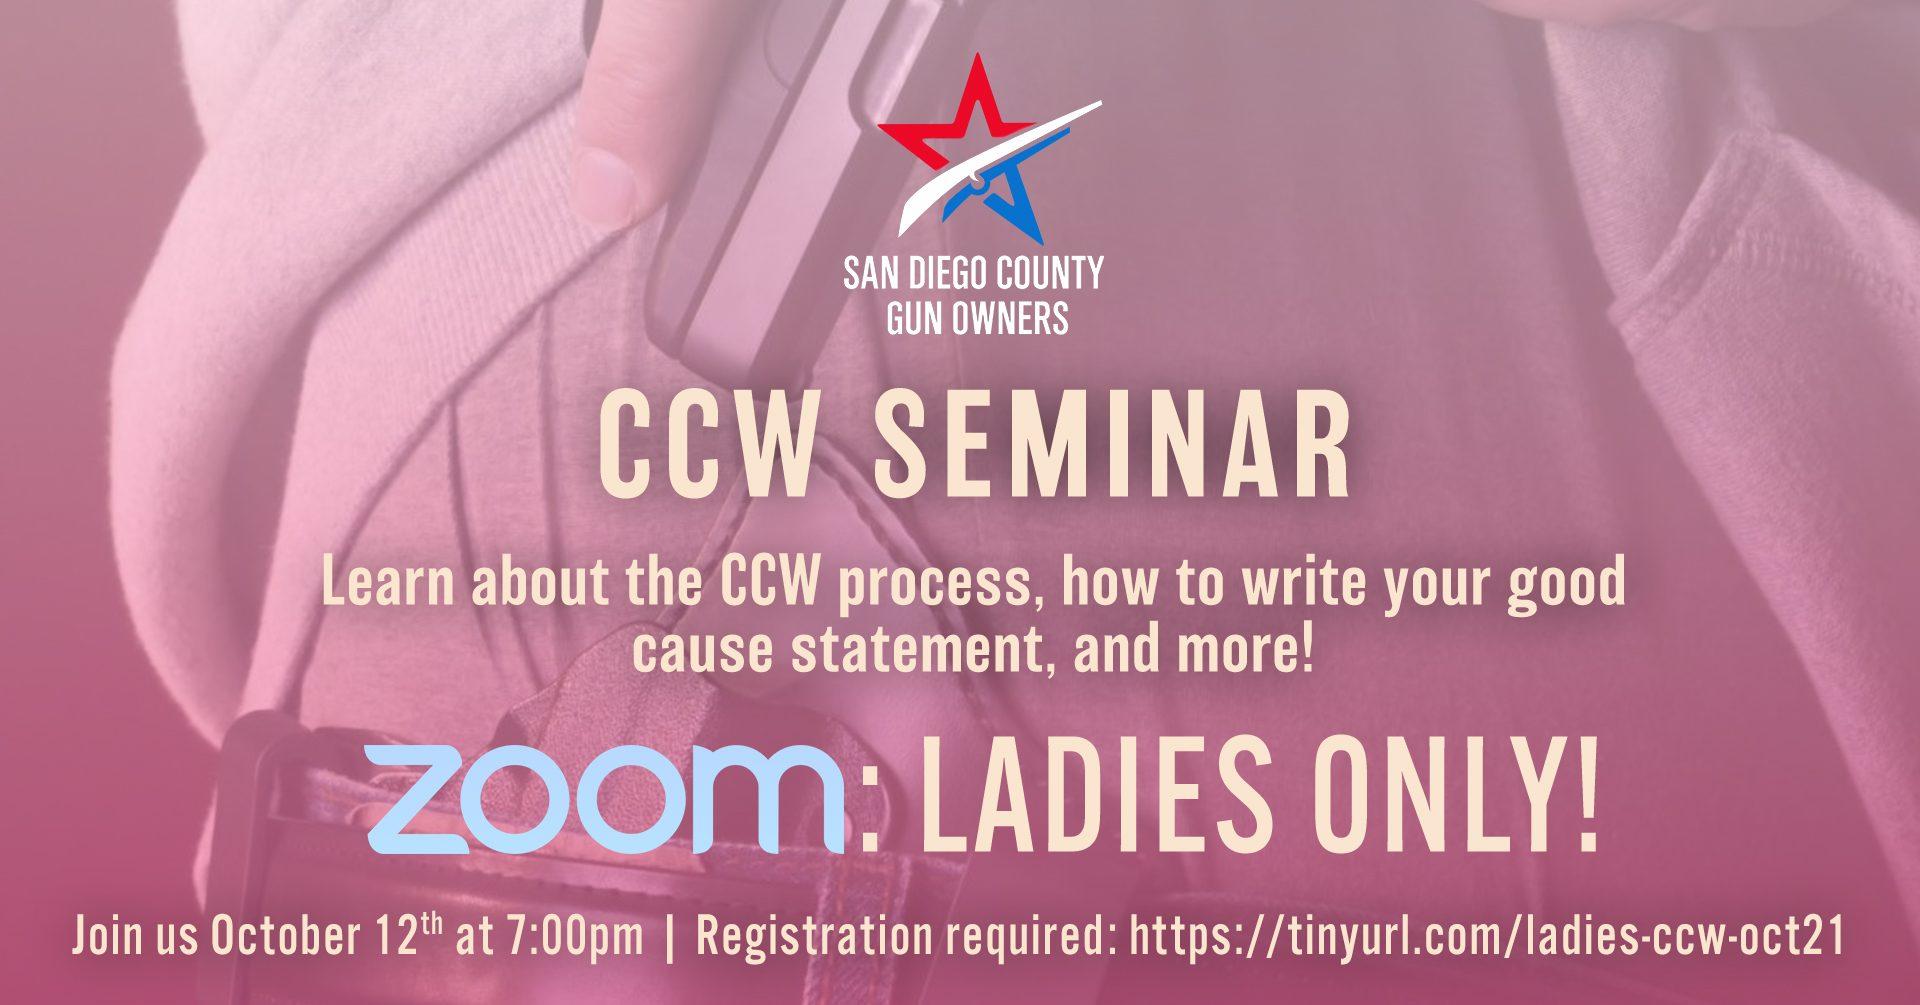 SD_CCW_Oct21_Ladies